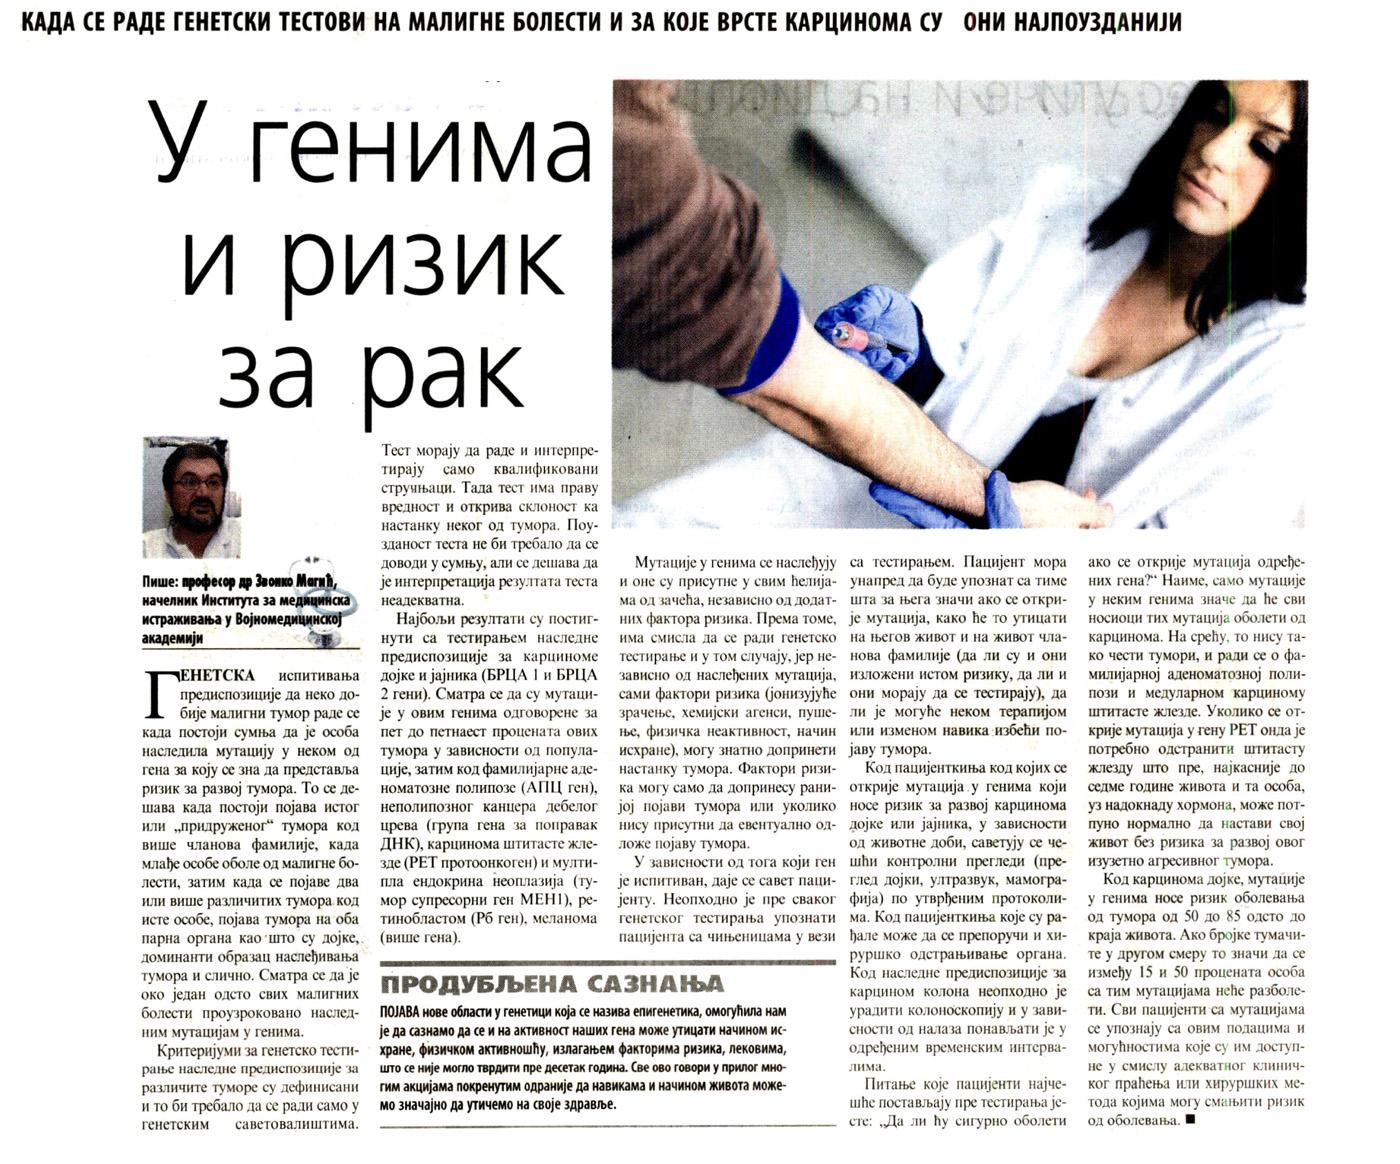 Zvonko_Magic_Doktor_u_kuci.jpg